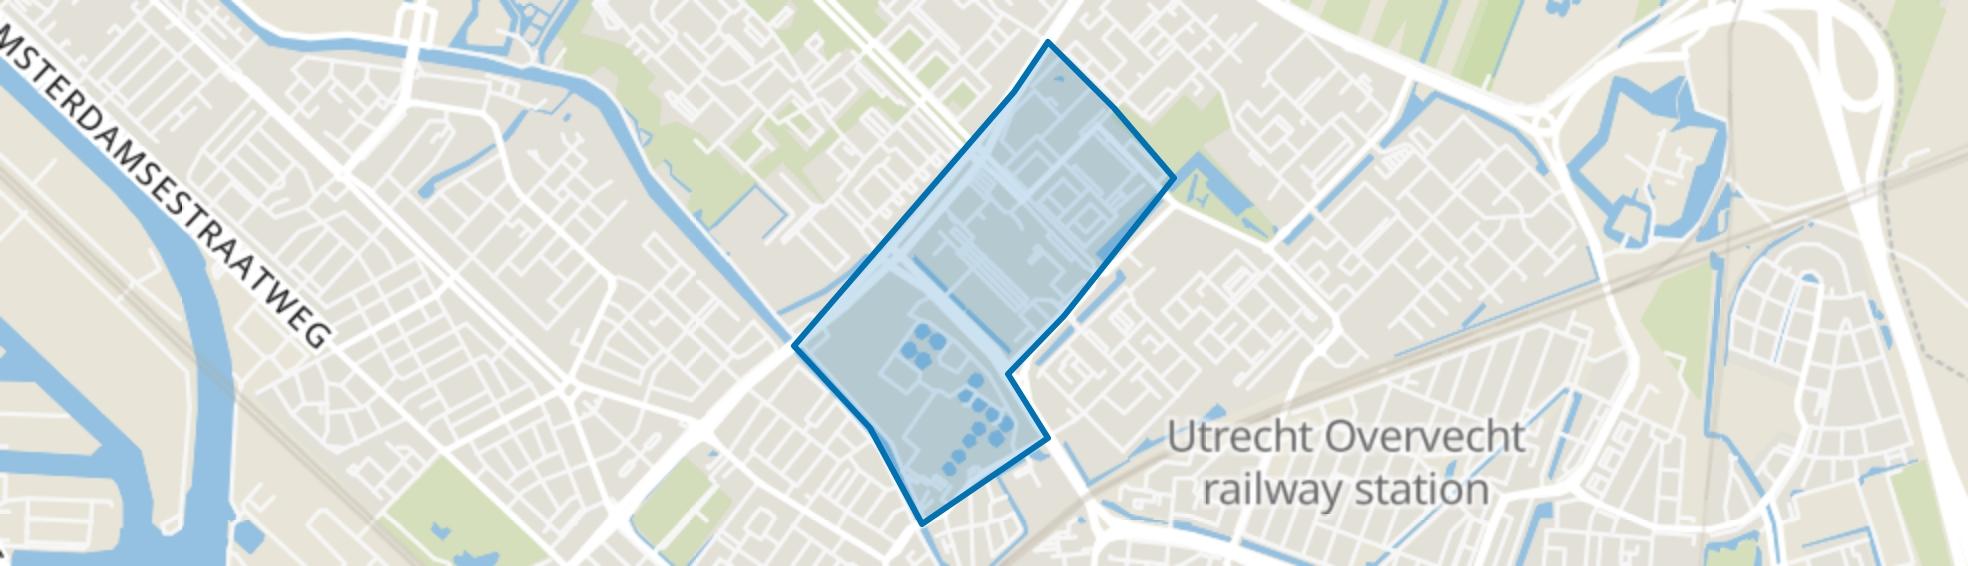 Zamenhofdreef en omgeving, Utrecht map